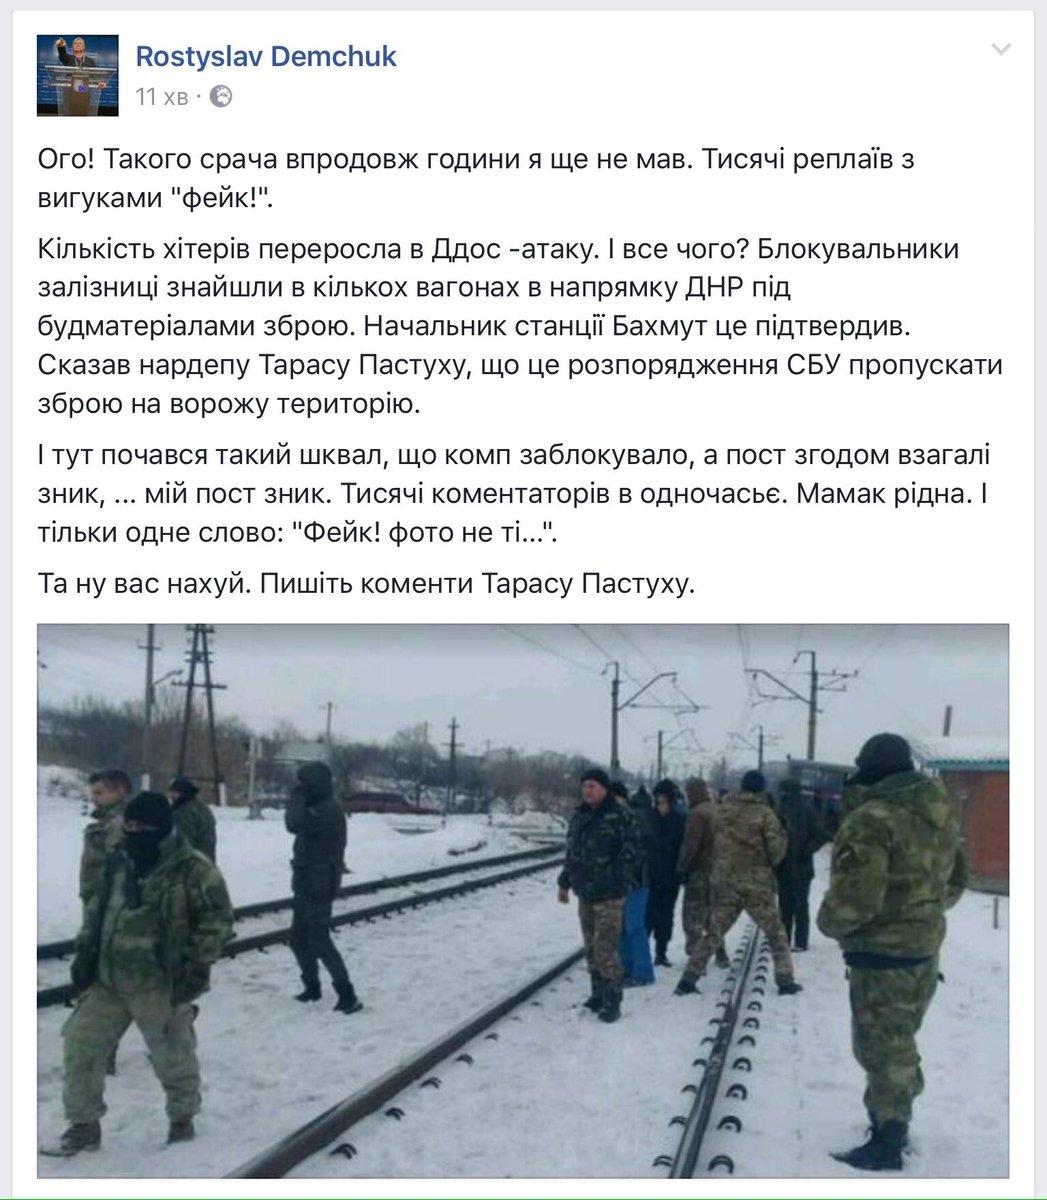 За 5 дней по Авдеевке выпущено свыше 7,5 тыс боеприпасов из тяжелого вооружения, - руководитель СЦКК Петренко - Цензор.НЕТ 9815